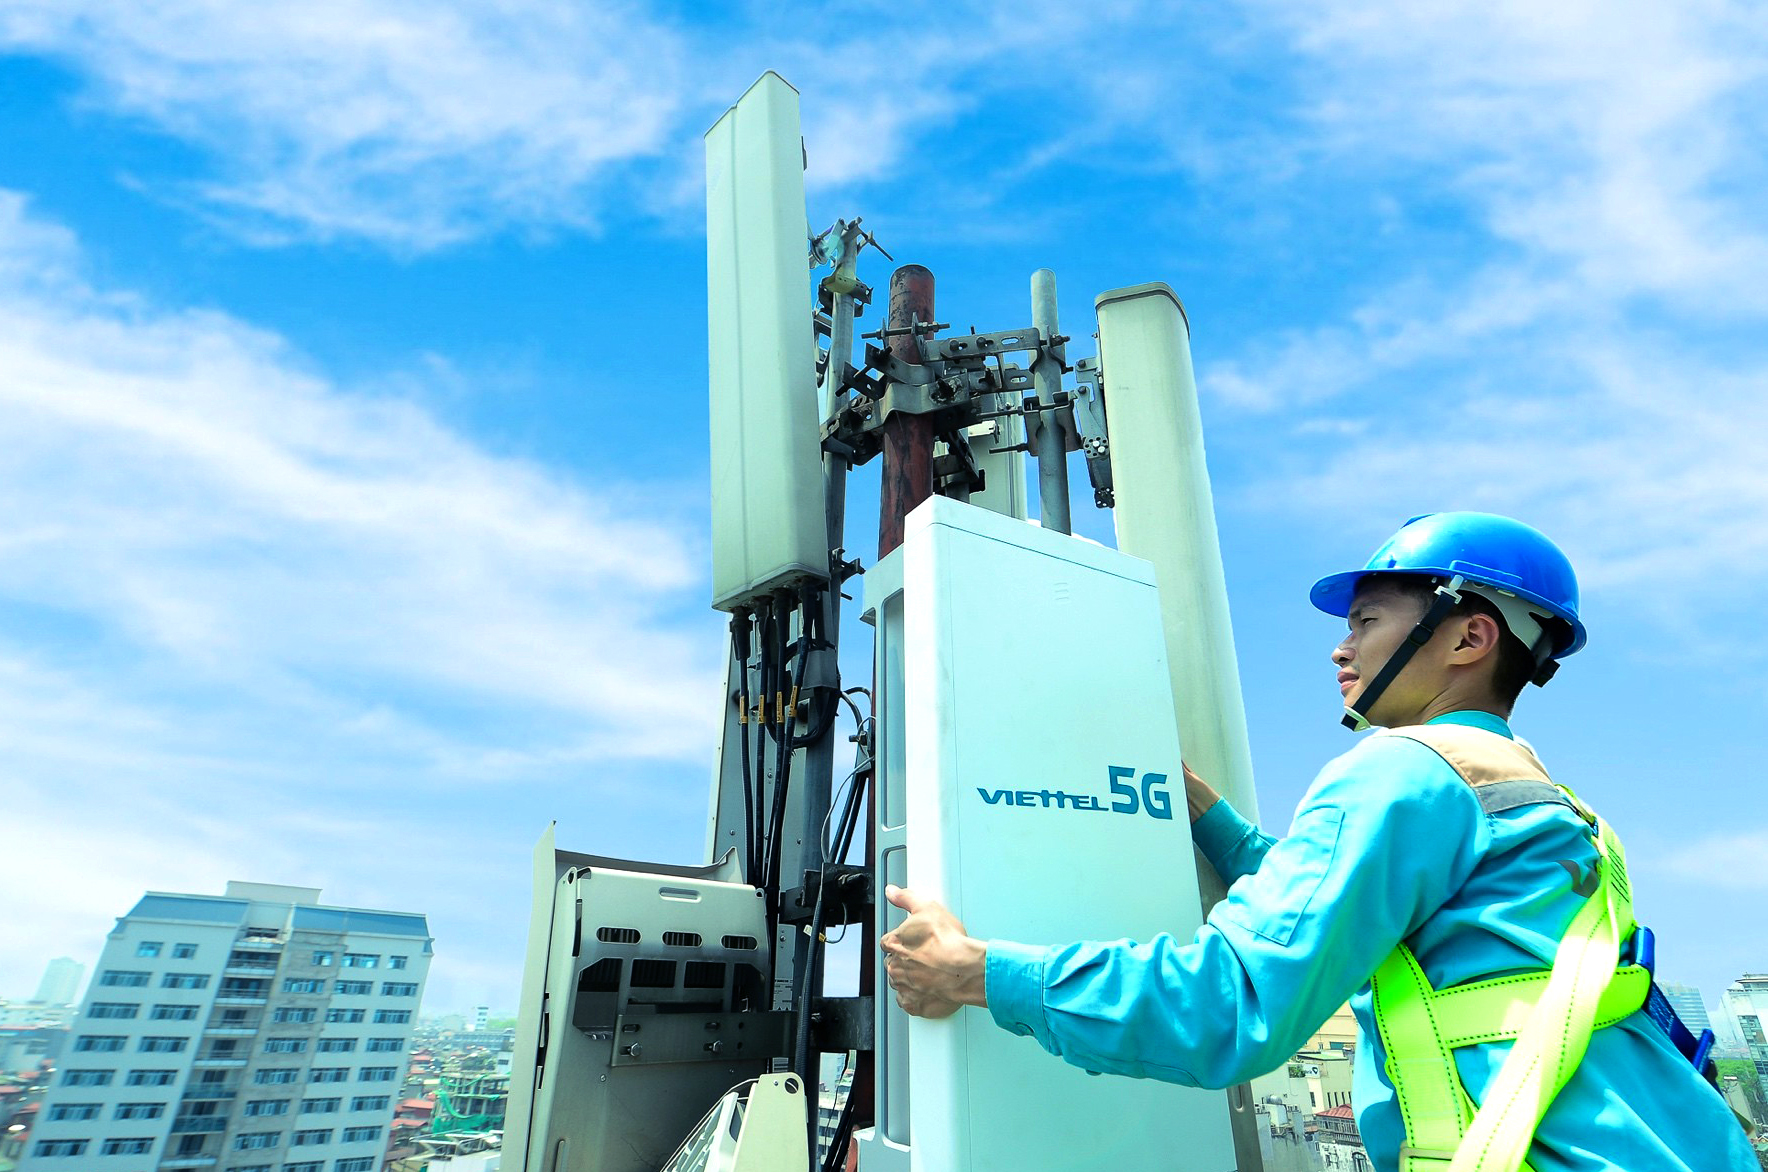 Công nghệ mới của Viettel: Tối ưu từng loại môi trường  truyền dẫn